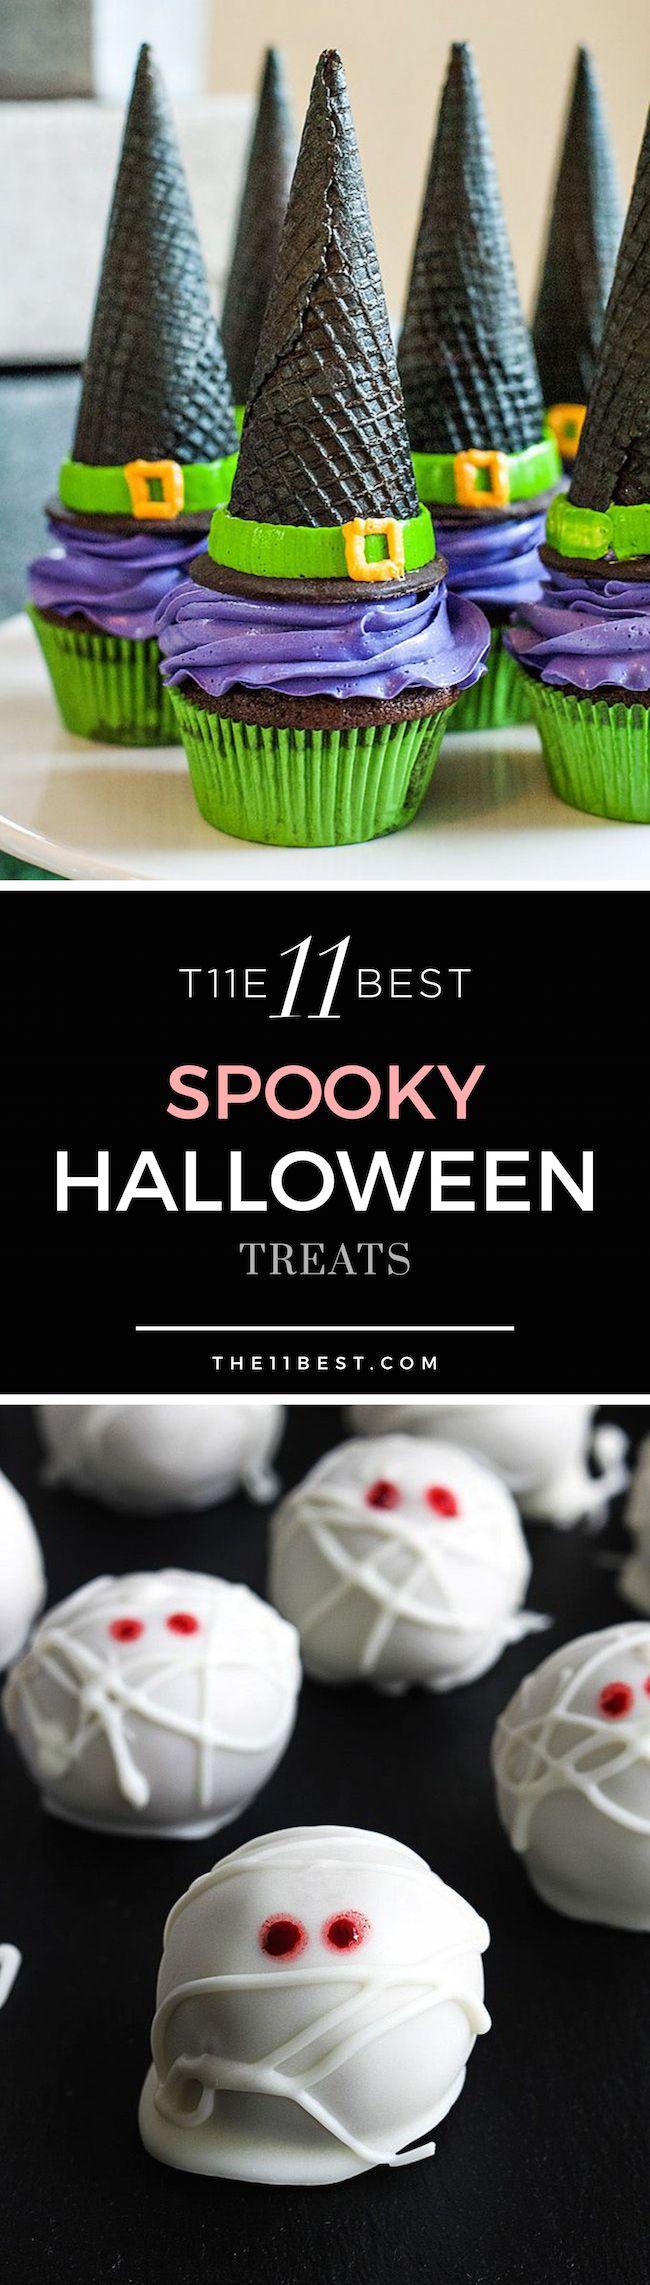 The 11 Best Halloween Treats